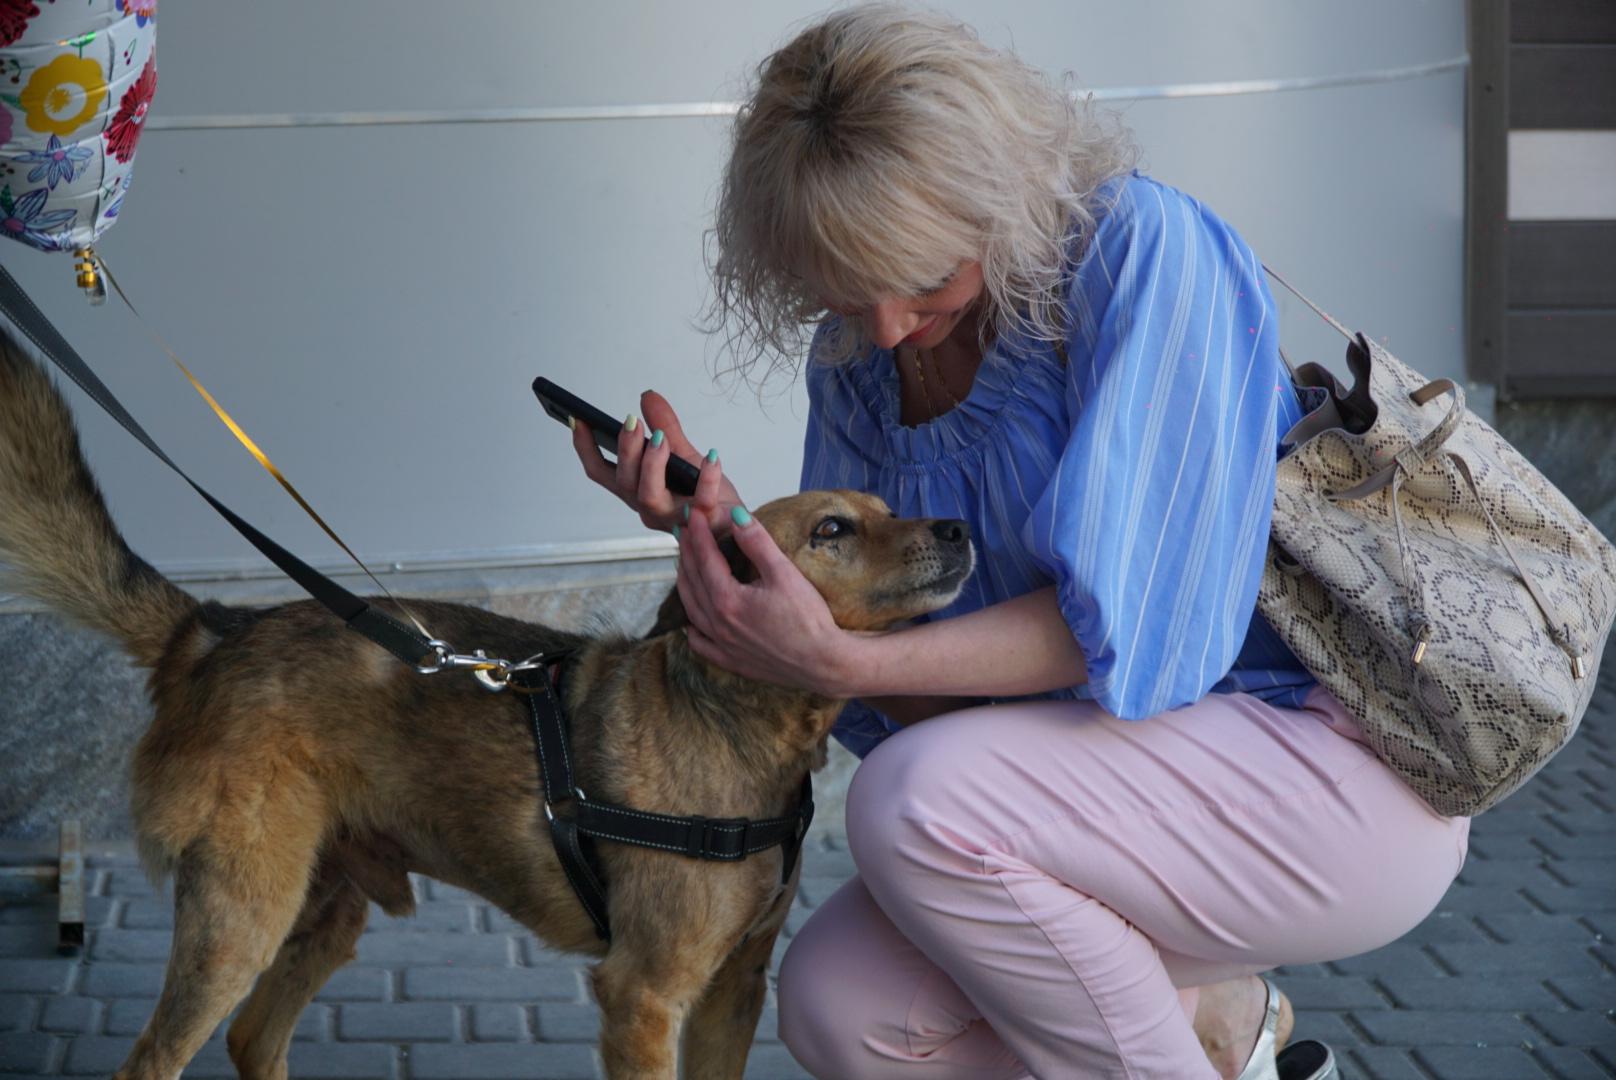 В Симферополе нашли пса Везунчика, который сбежал после выписки из ветклиники